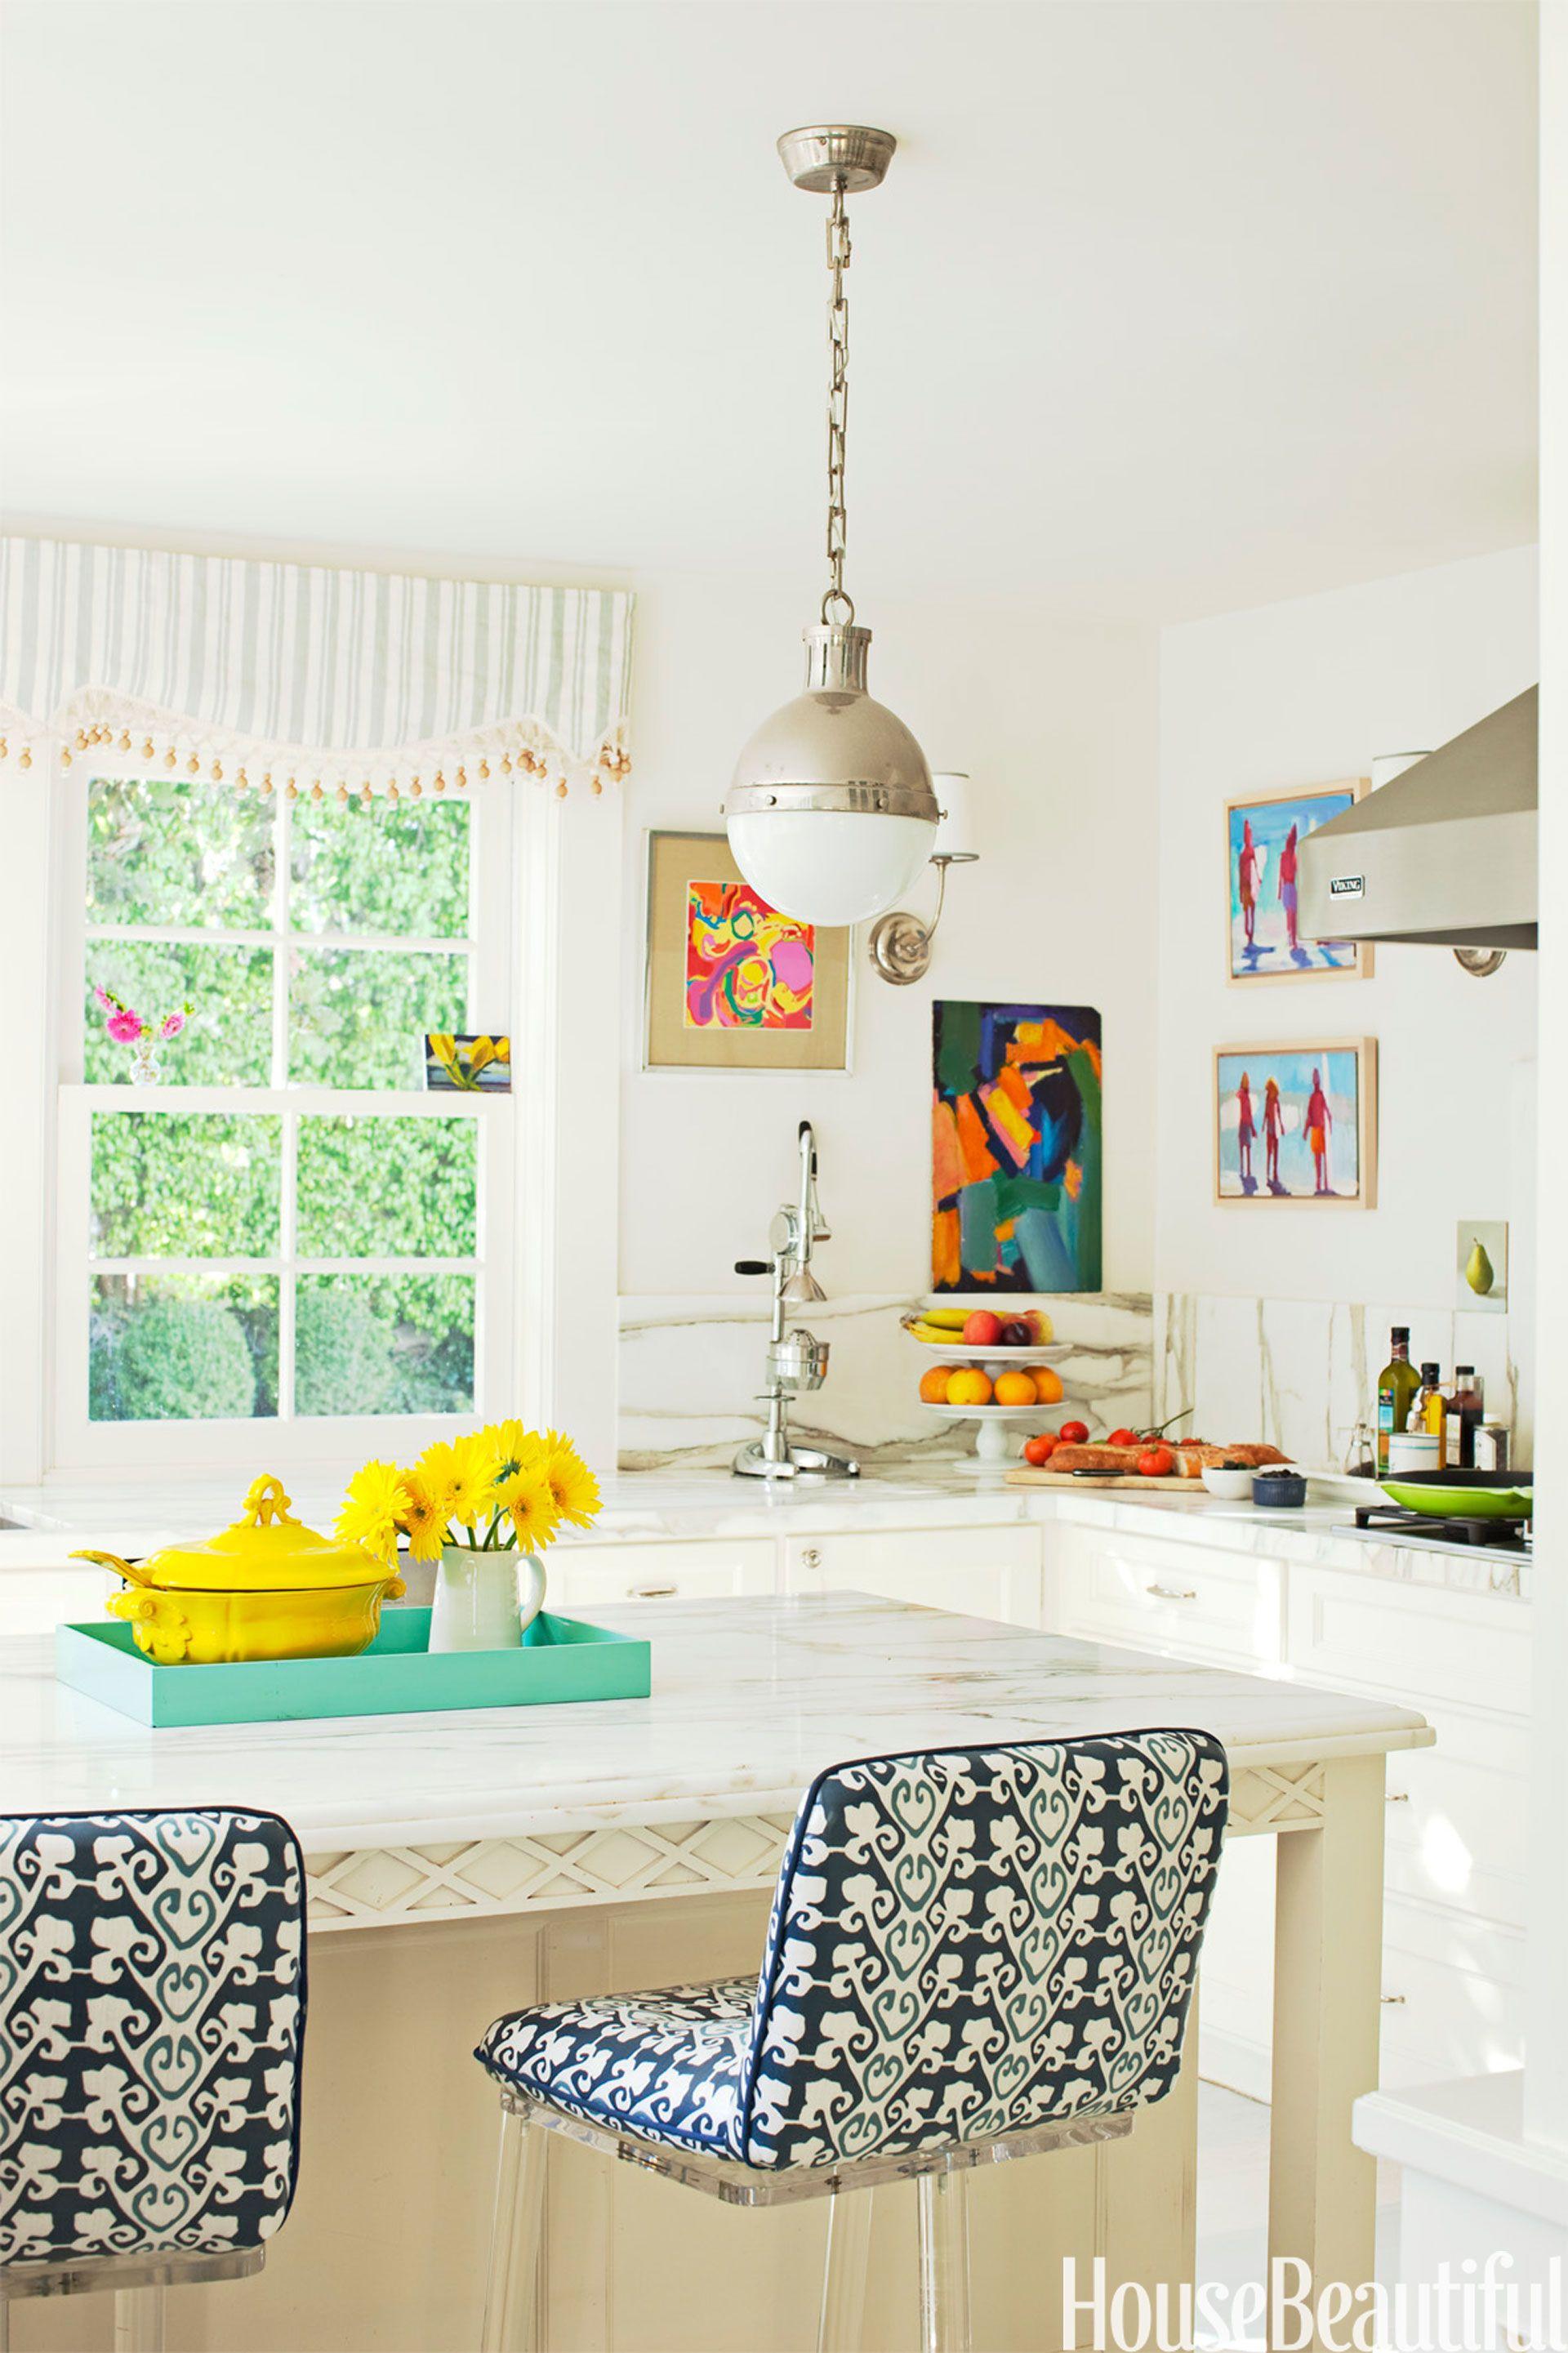 Summer Rooms - Summer Decorating Ideas